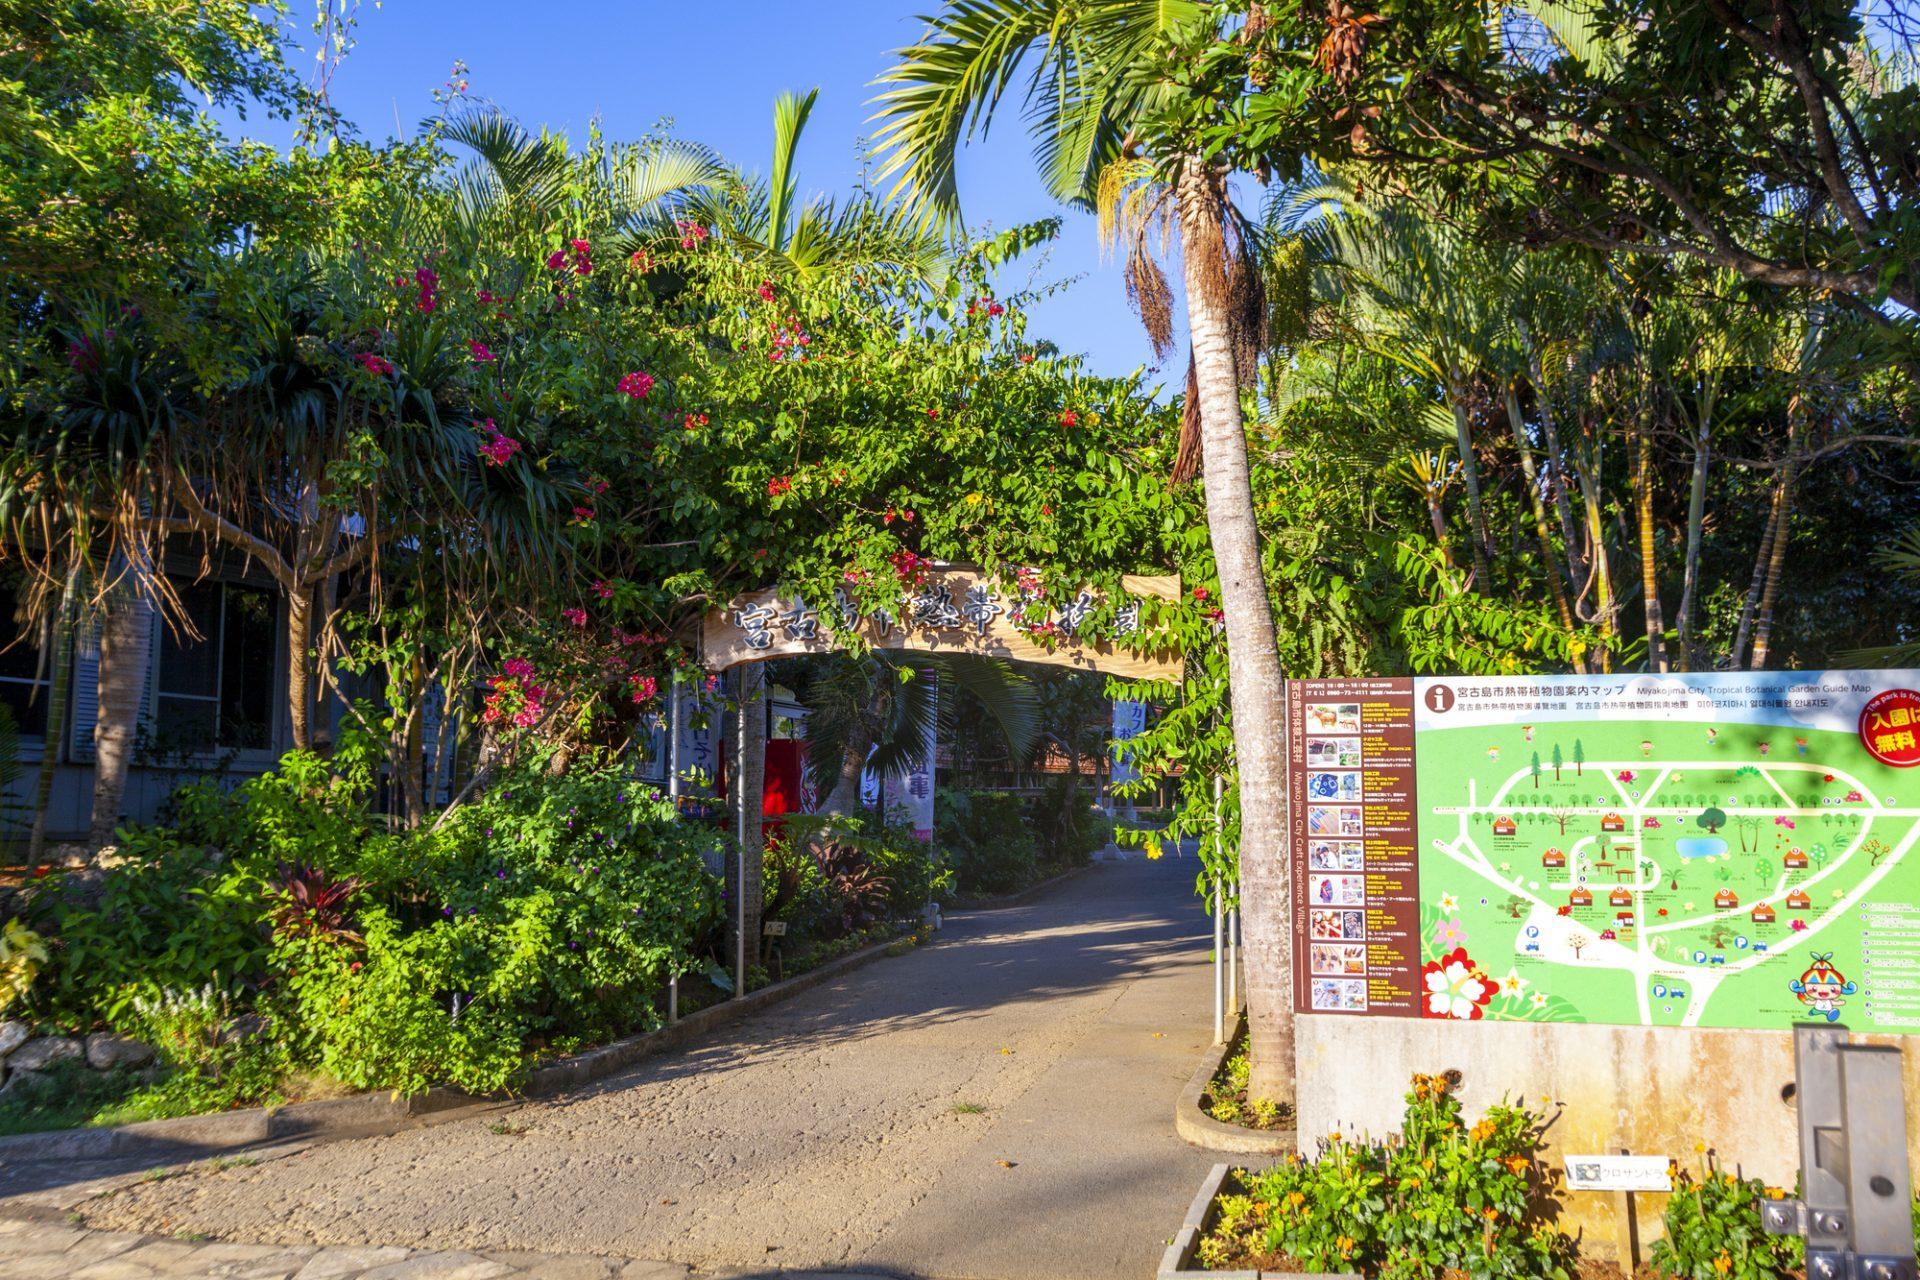 宮古島市熱帯植物園 宮古島 観光 スポット おすすめ 沖縄 旅行